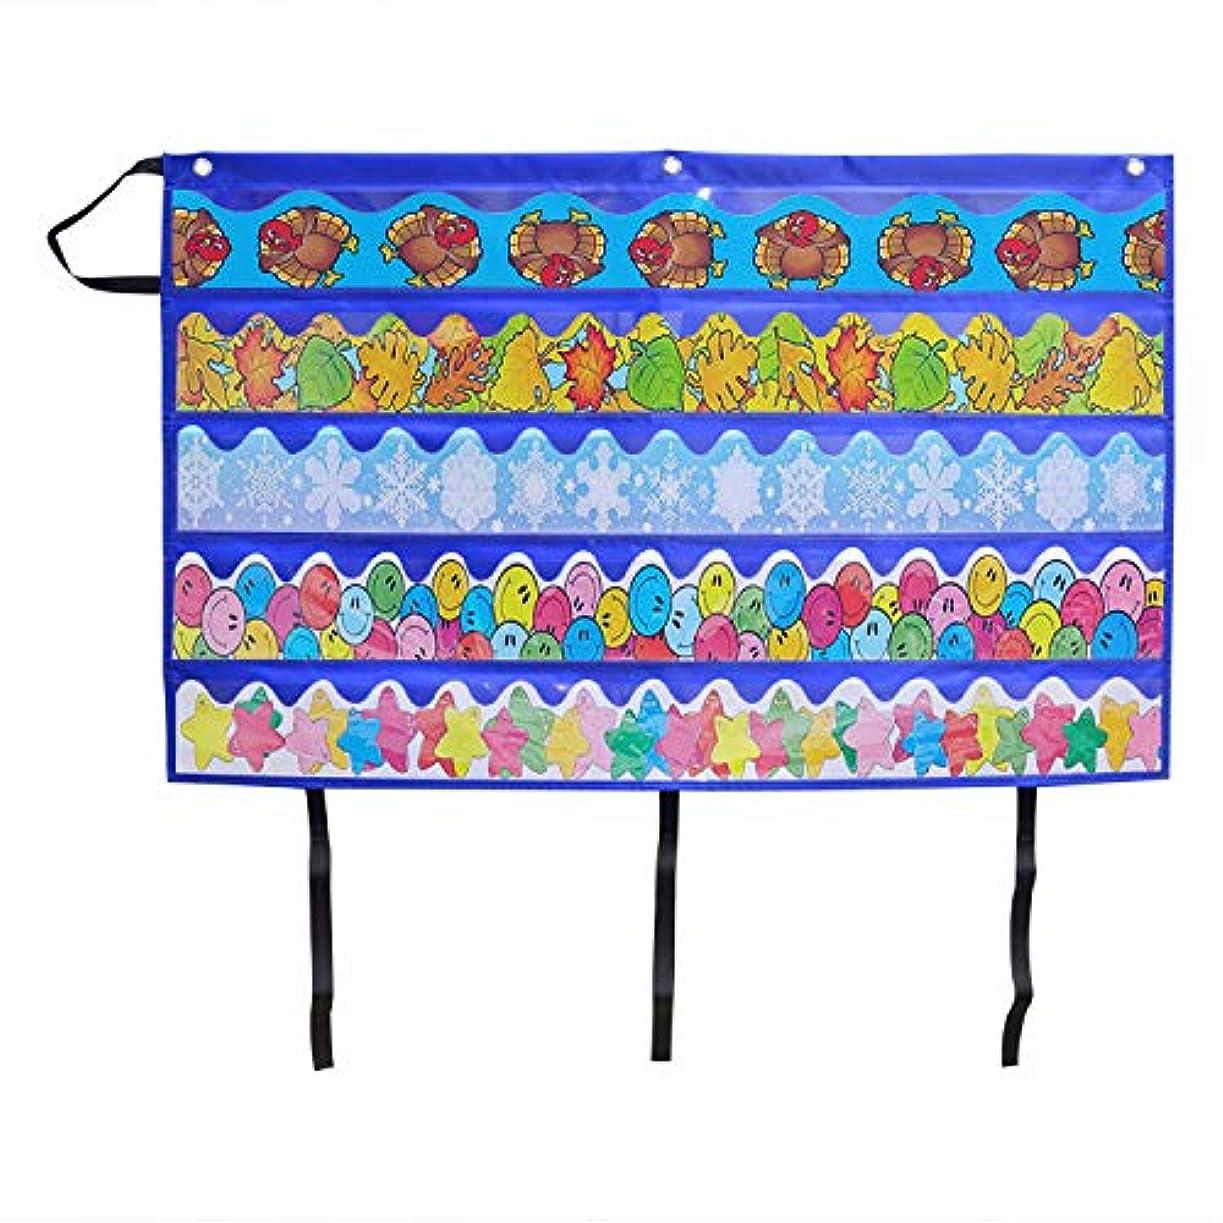 Kruideey 標準ポケットチャート 学習資源折りたたみ式教室装飾